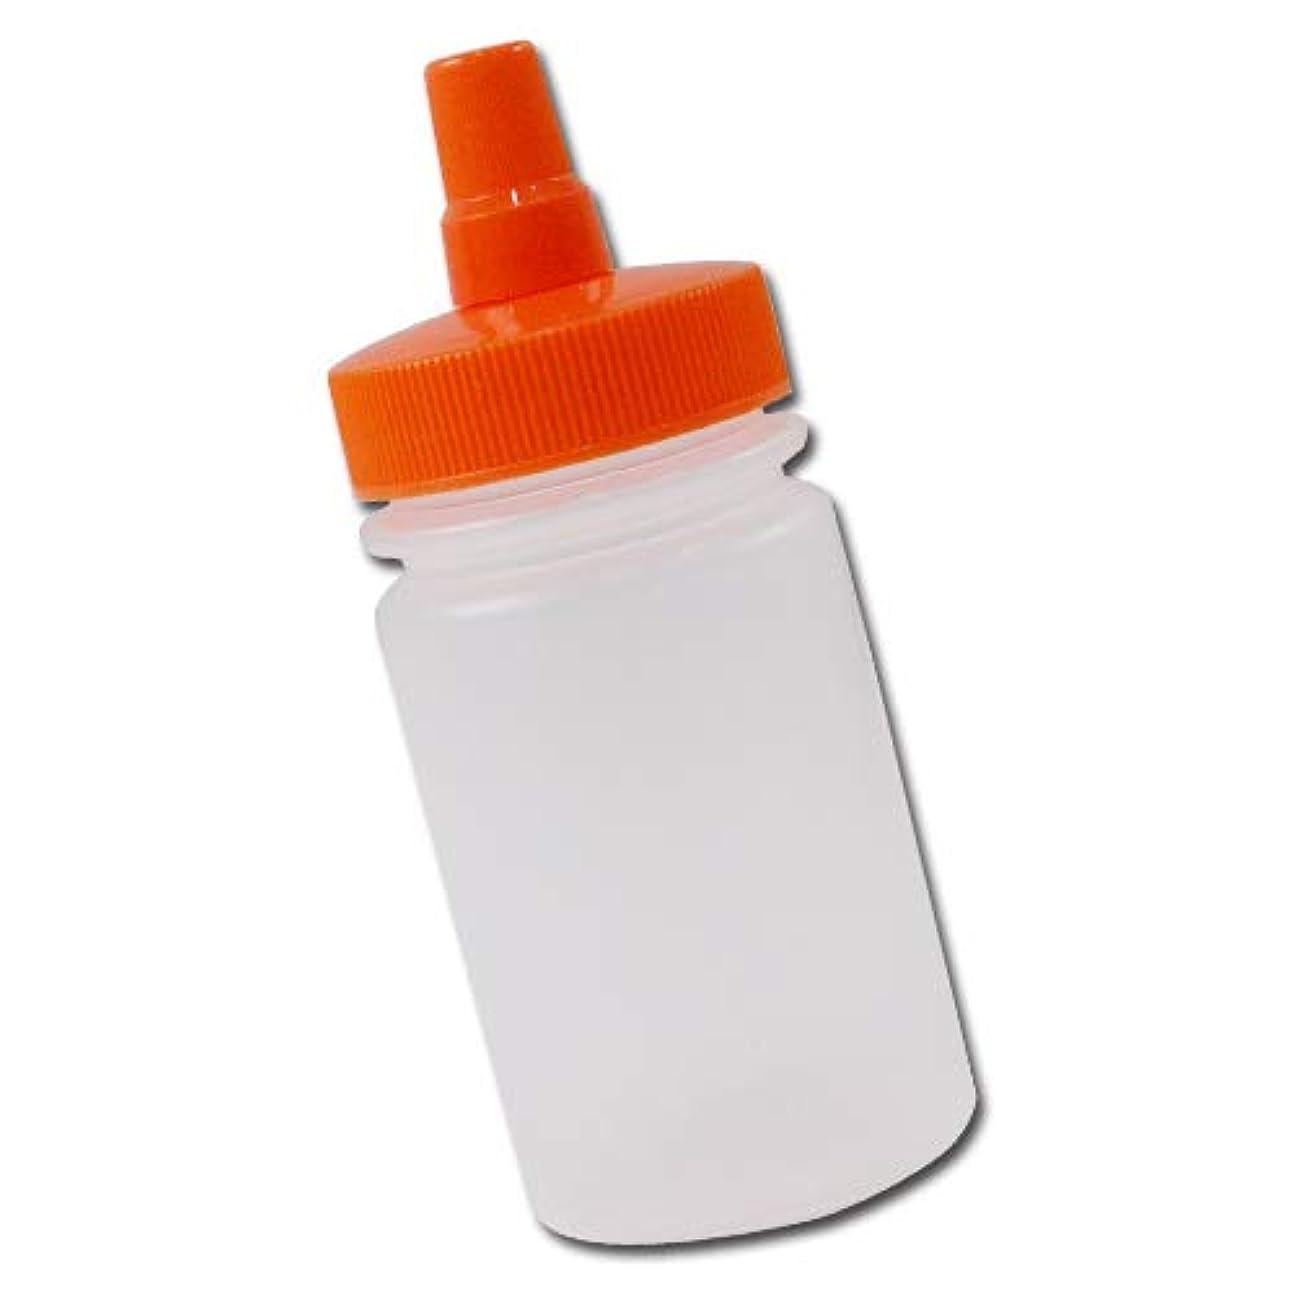 抵当品種乞食はちみつ容器100ml(オレンジキャップ)│ストレート型 業務用ローションや調味料の小分けに詰め替え用ハチミツ容器(蜂蜜容器)はちみつボトル